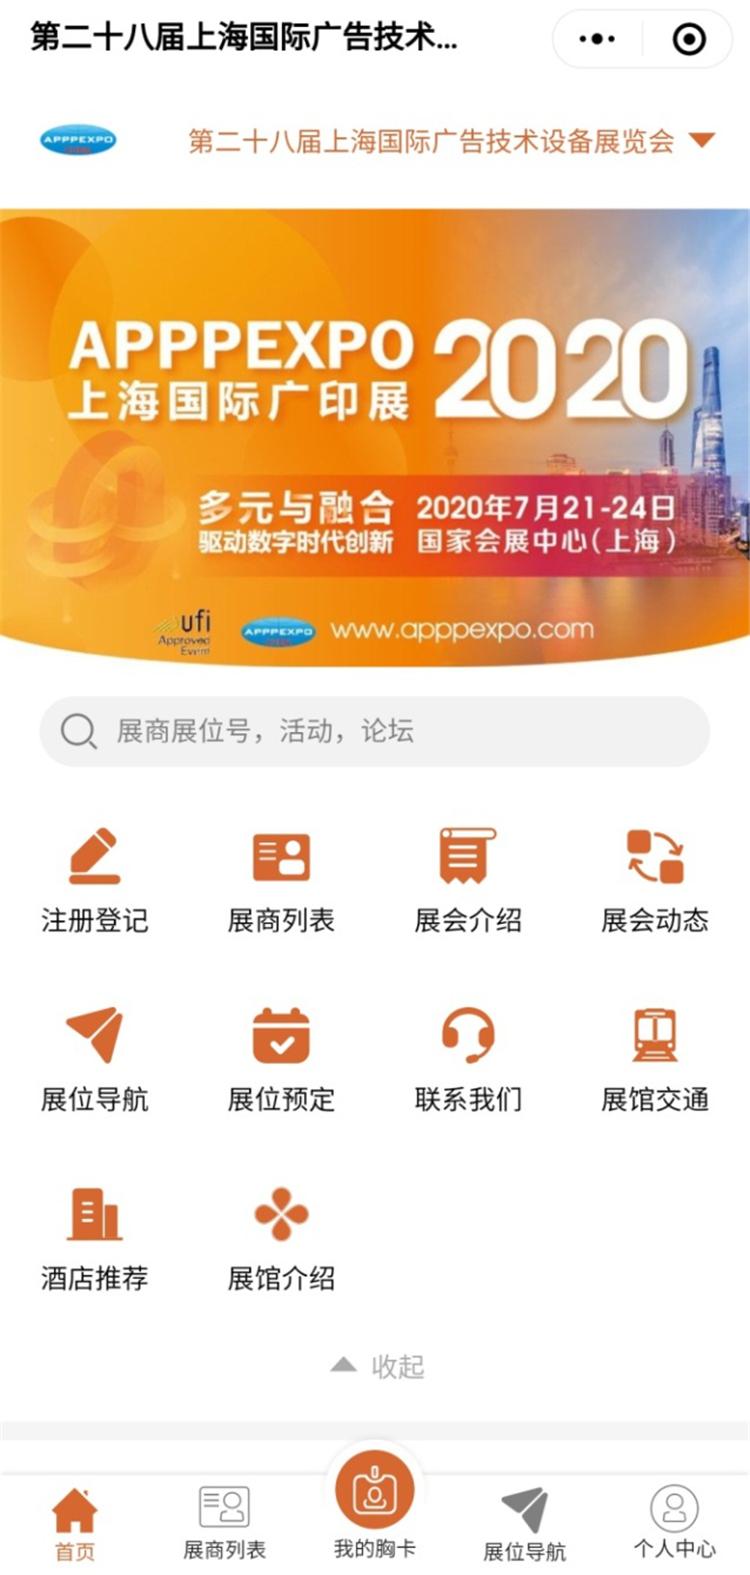 抢先体验!上海国际广印展小程序上线让您抢占先机